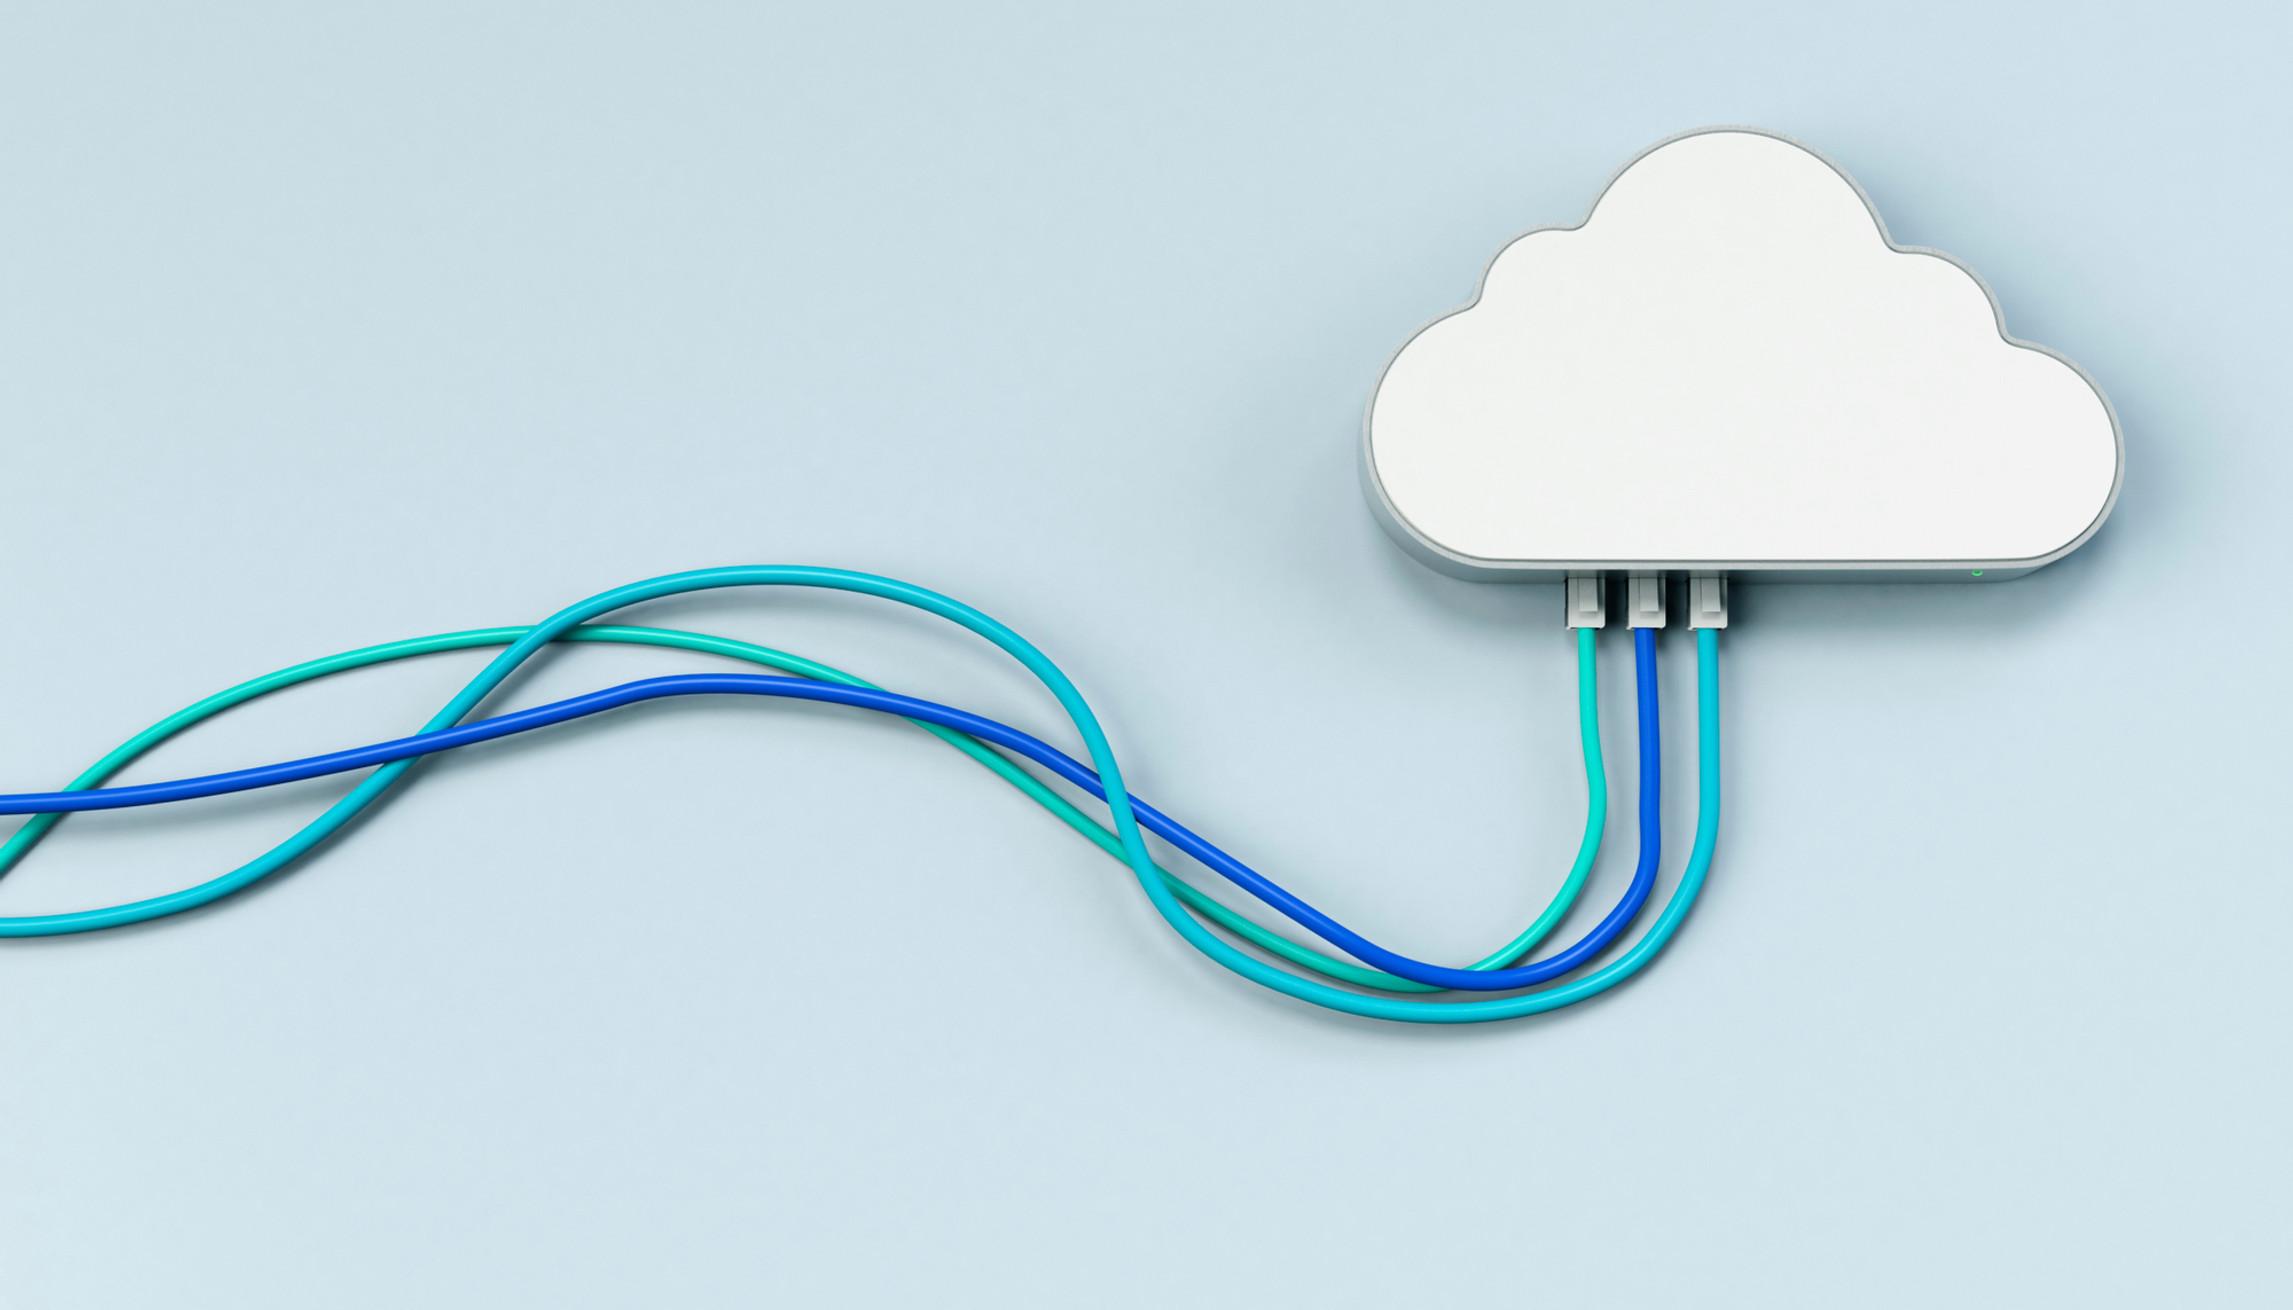 Dịch vụ sao lưu dữ liệu trực tuyến